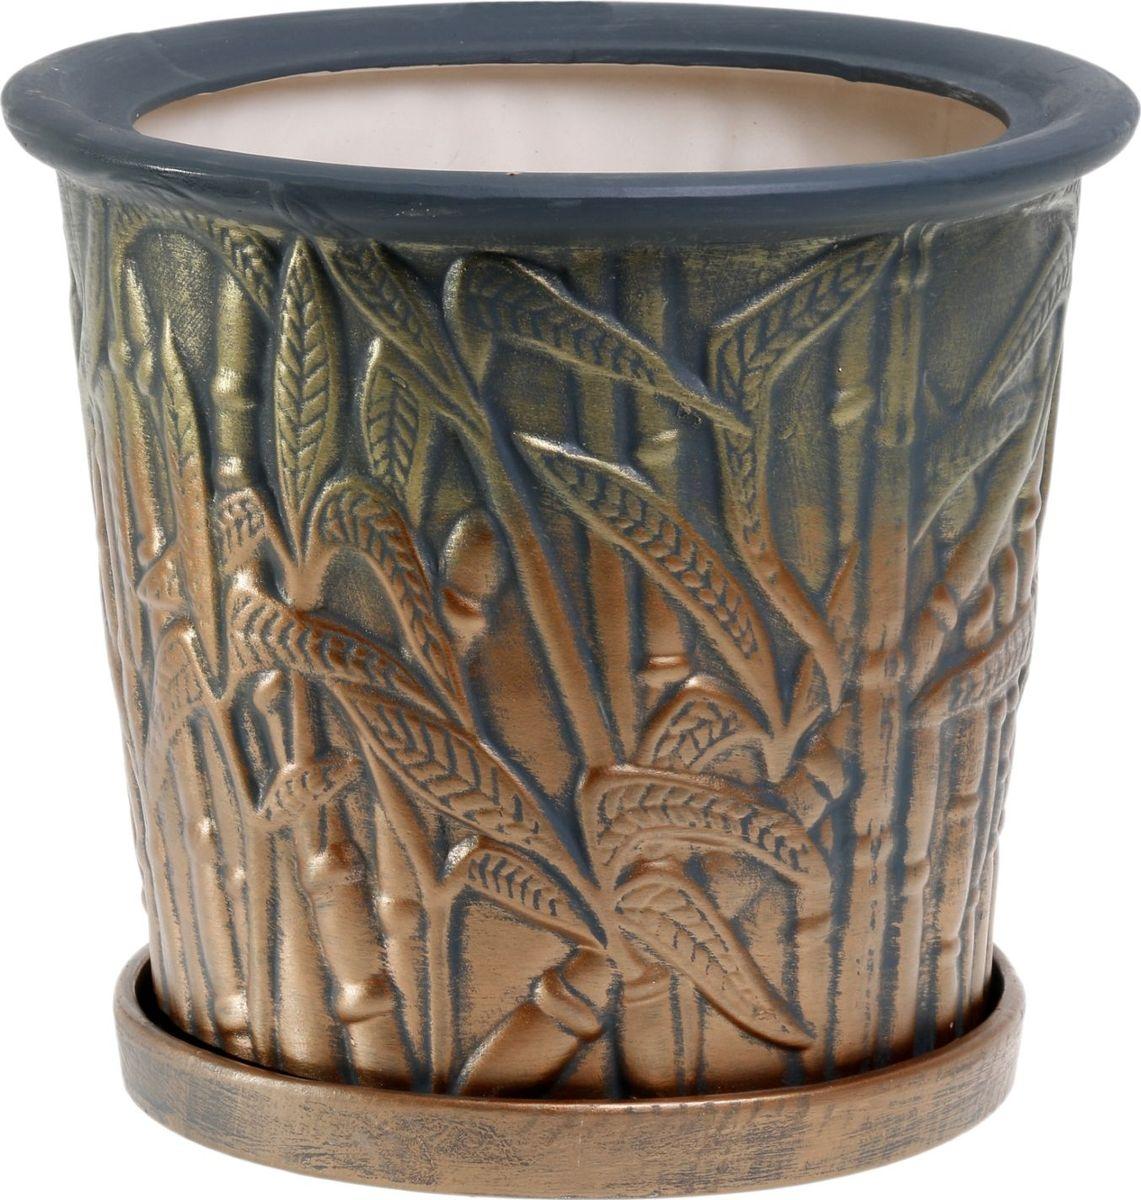 Кашпо Керамика ручной работы Камыш, цвет: бронзовый, 10 л144194Комнатные растения — всеобщие любимцы. Они радуют глаз, насыщают помещение кислородом и украшают пространство. Каждому из них необходим свой удобный и красивый дом. Кашпо из керамики прекрасно подходят для высадки растений: за счёт пластичности глины и разных способов обработки существует великое множество форм и дизайновпористый материал позволяет испаряться лишней влагевоздух, необходимый для дыхания корней, проникает сквозь керамические стенки! #name# позаботится о зелёном питомце, освежит интерьер и подчеркнёт его стиль.